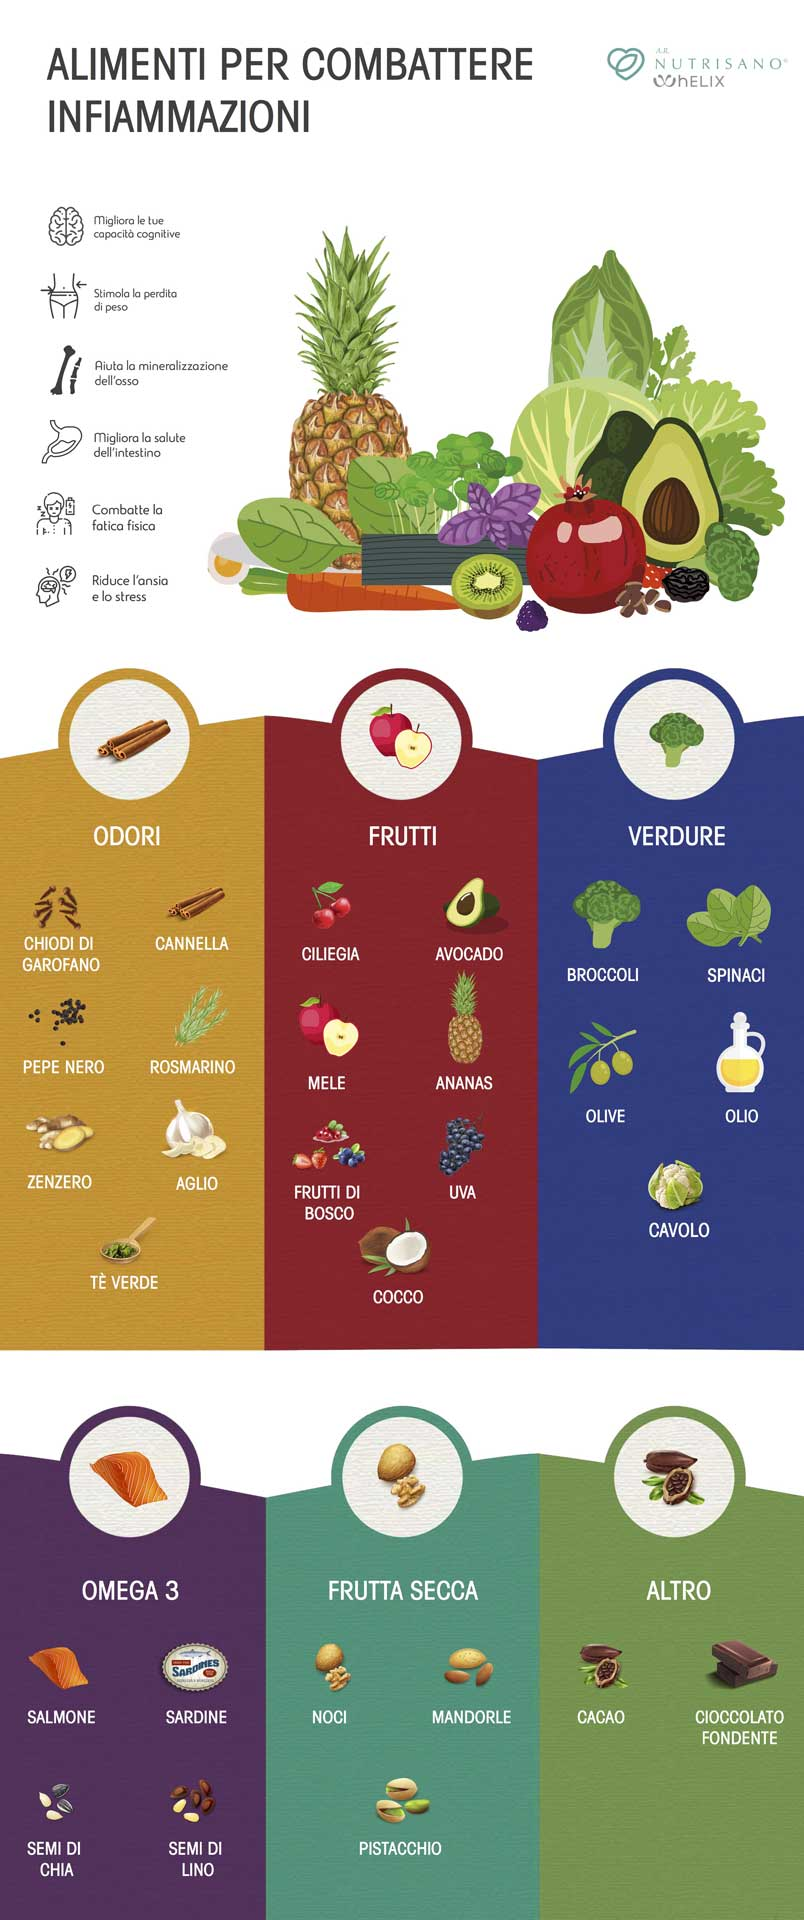 Dieta, infiammazione e sistema immunitario AR Nutrisano Alessandra Romagnoli Nutrizionista Roma